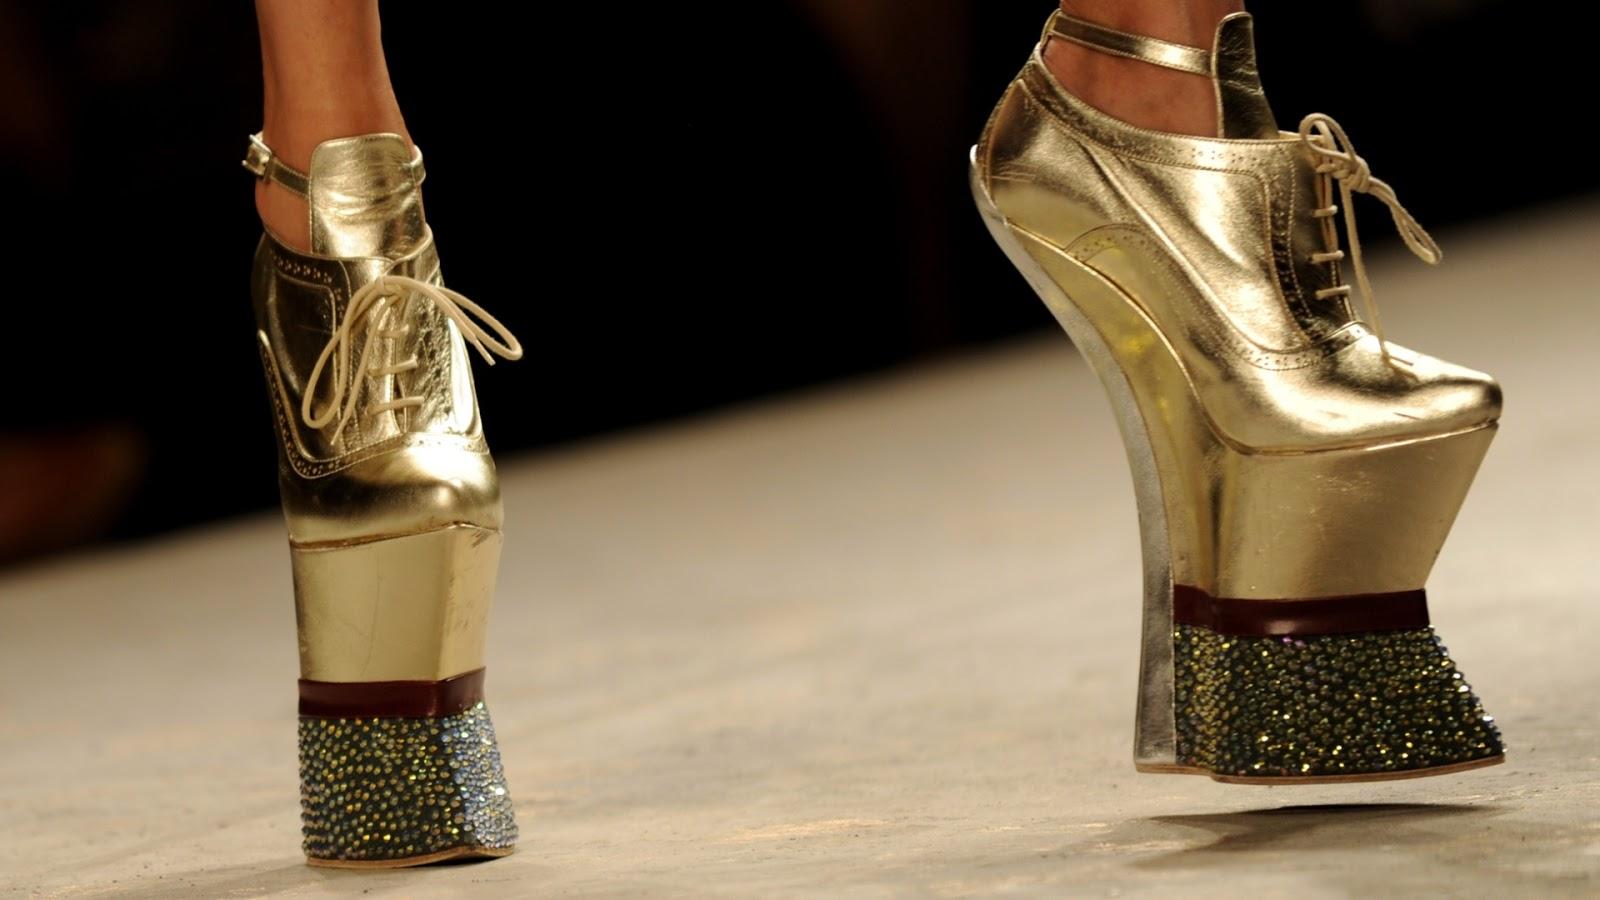 203856563 As coleções de sapatos e bolsas de três grifes italianas que eu faço  questão de apresentar em meu Blogger. Charlotte Olympia, Gianvito Rossi e  Sergio ...